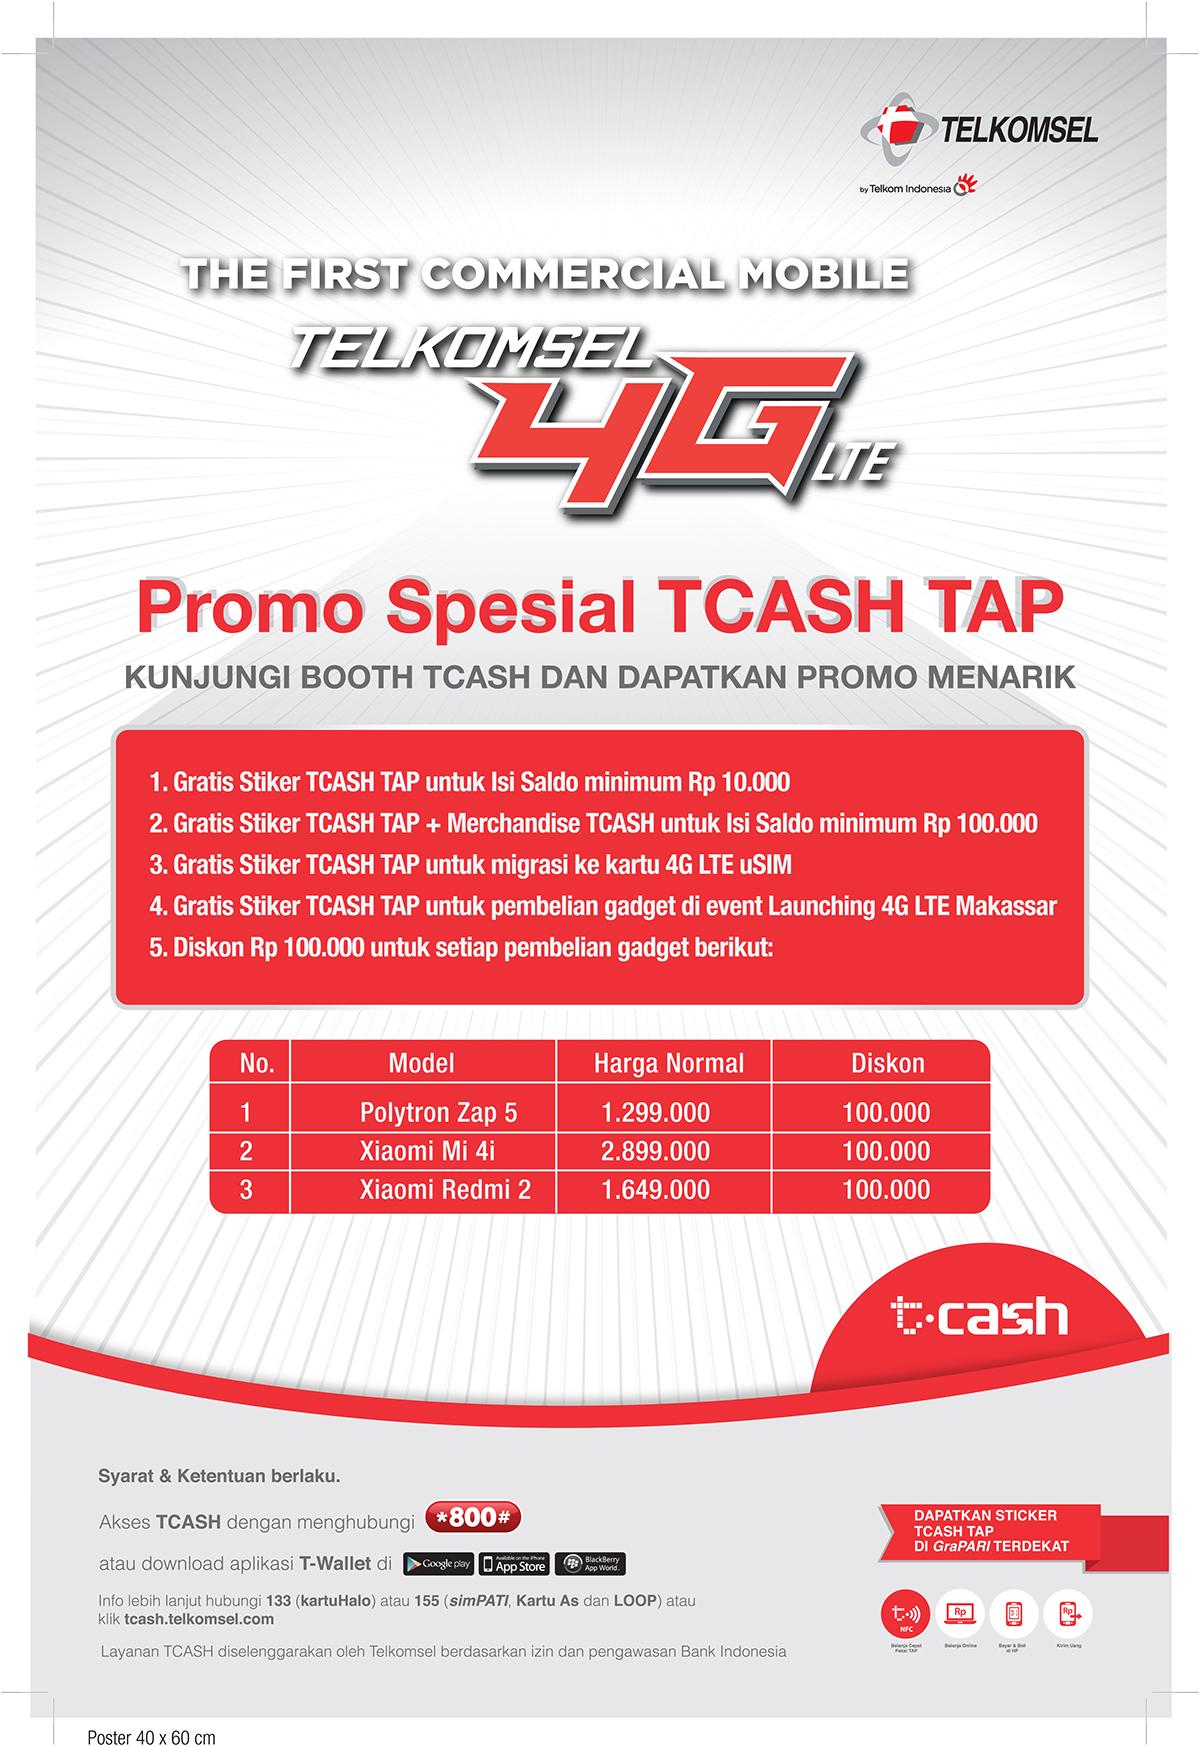 TCASH Telkomsel Project on Behance